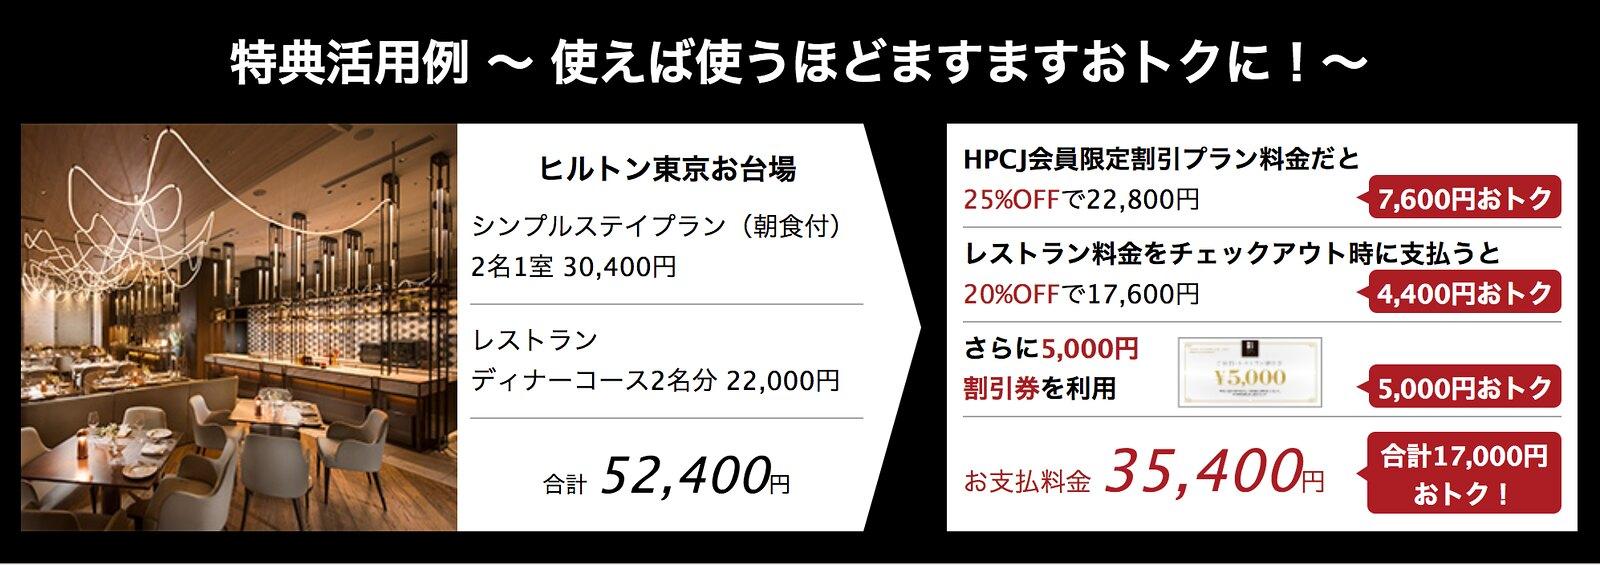 HPCJ2